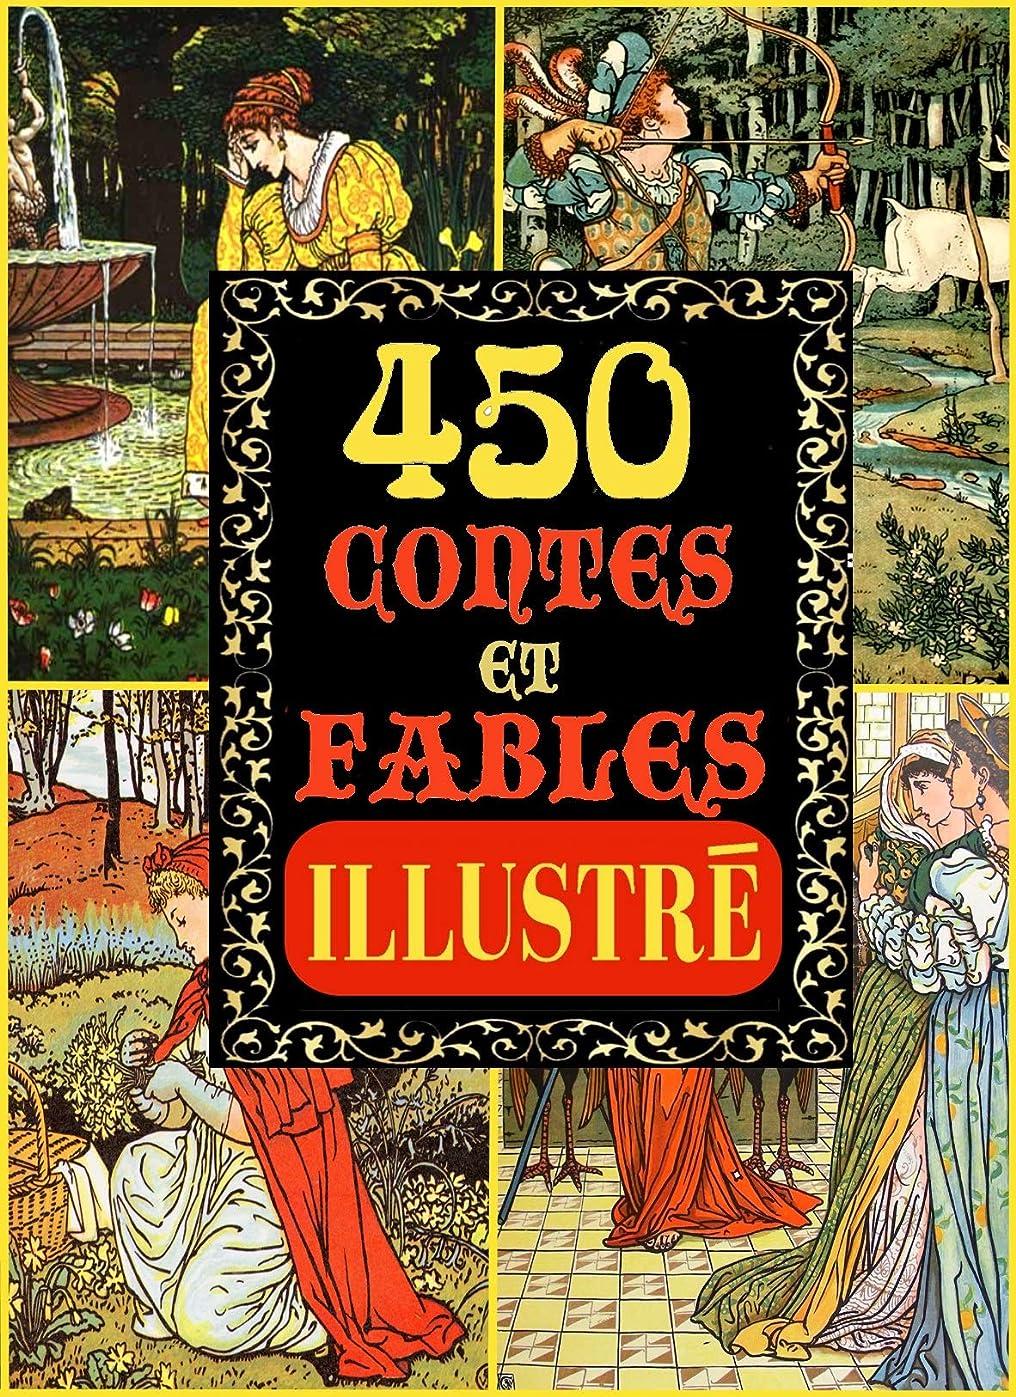 ドロップ虚偽スケッチCONTES POUR ENFANTS: 450 CONTES ET FABLES (ILLUSTRé AVEC PLUS DE 400 IMAGES) (LES FRèRES GRIMM, MILLE ET UNE NUITS, LA COMTESSE DE SéGUR, CHARLES PERRAULT, ... LA FONTAINE, HANS ANDERSEN) (French Edition)